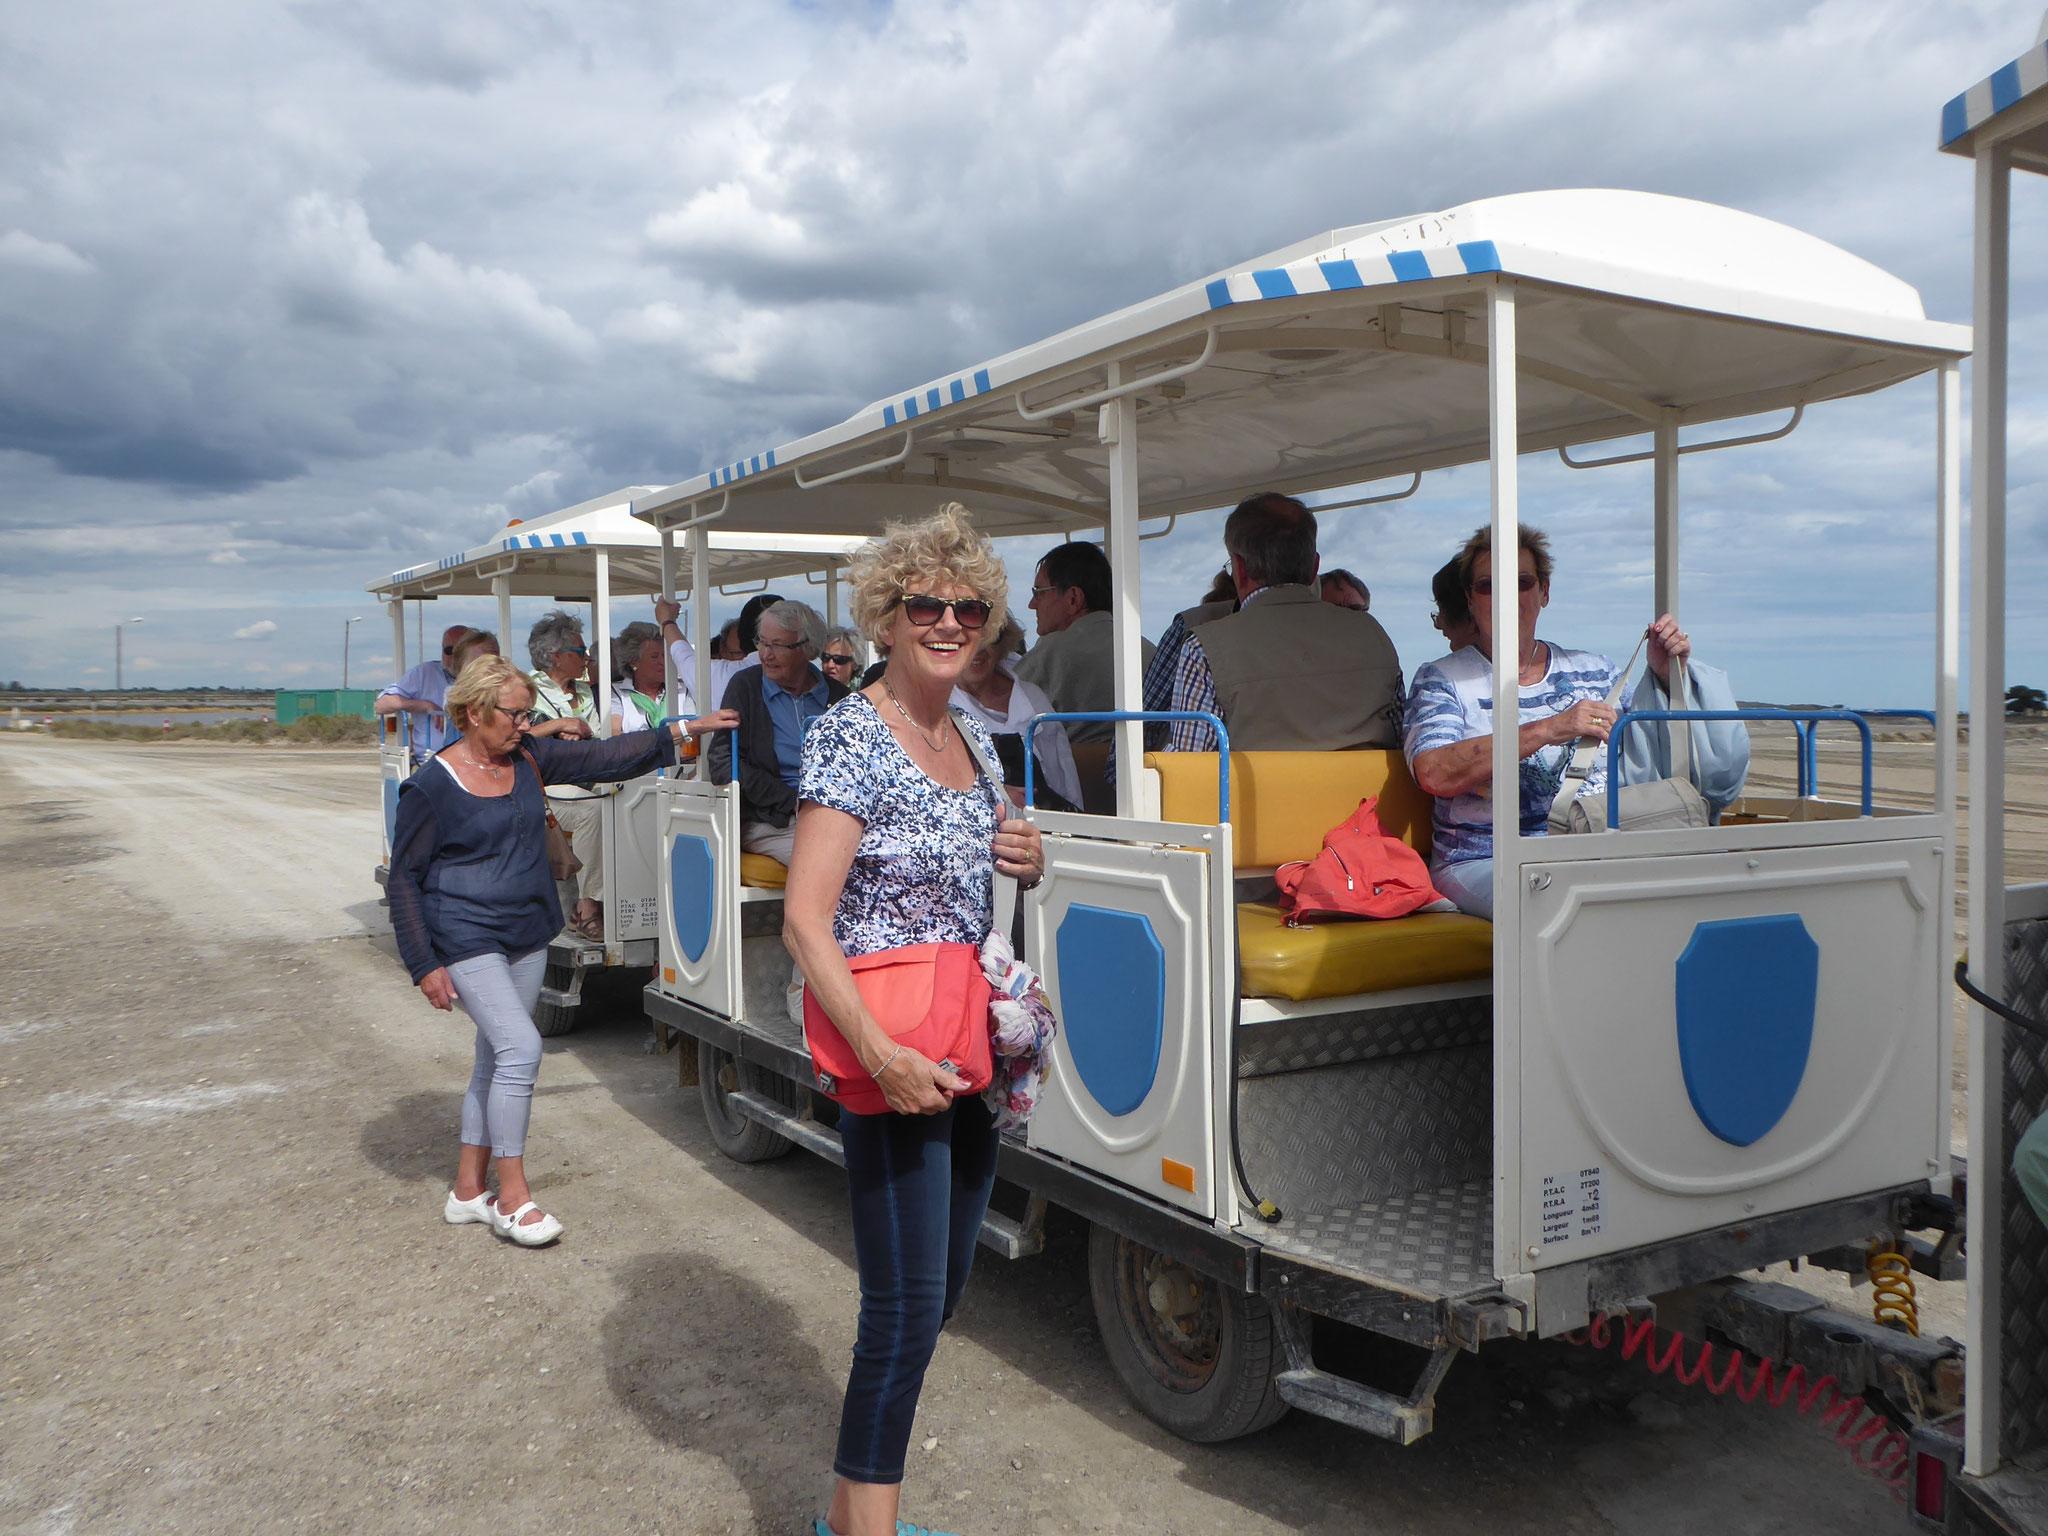 Mit dem Züglein durch die Salzgärten von Aigues Mortes